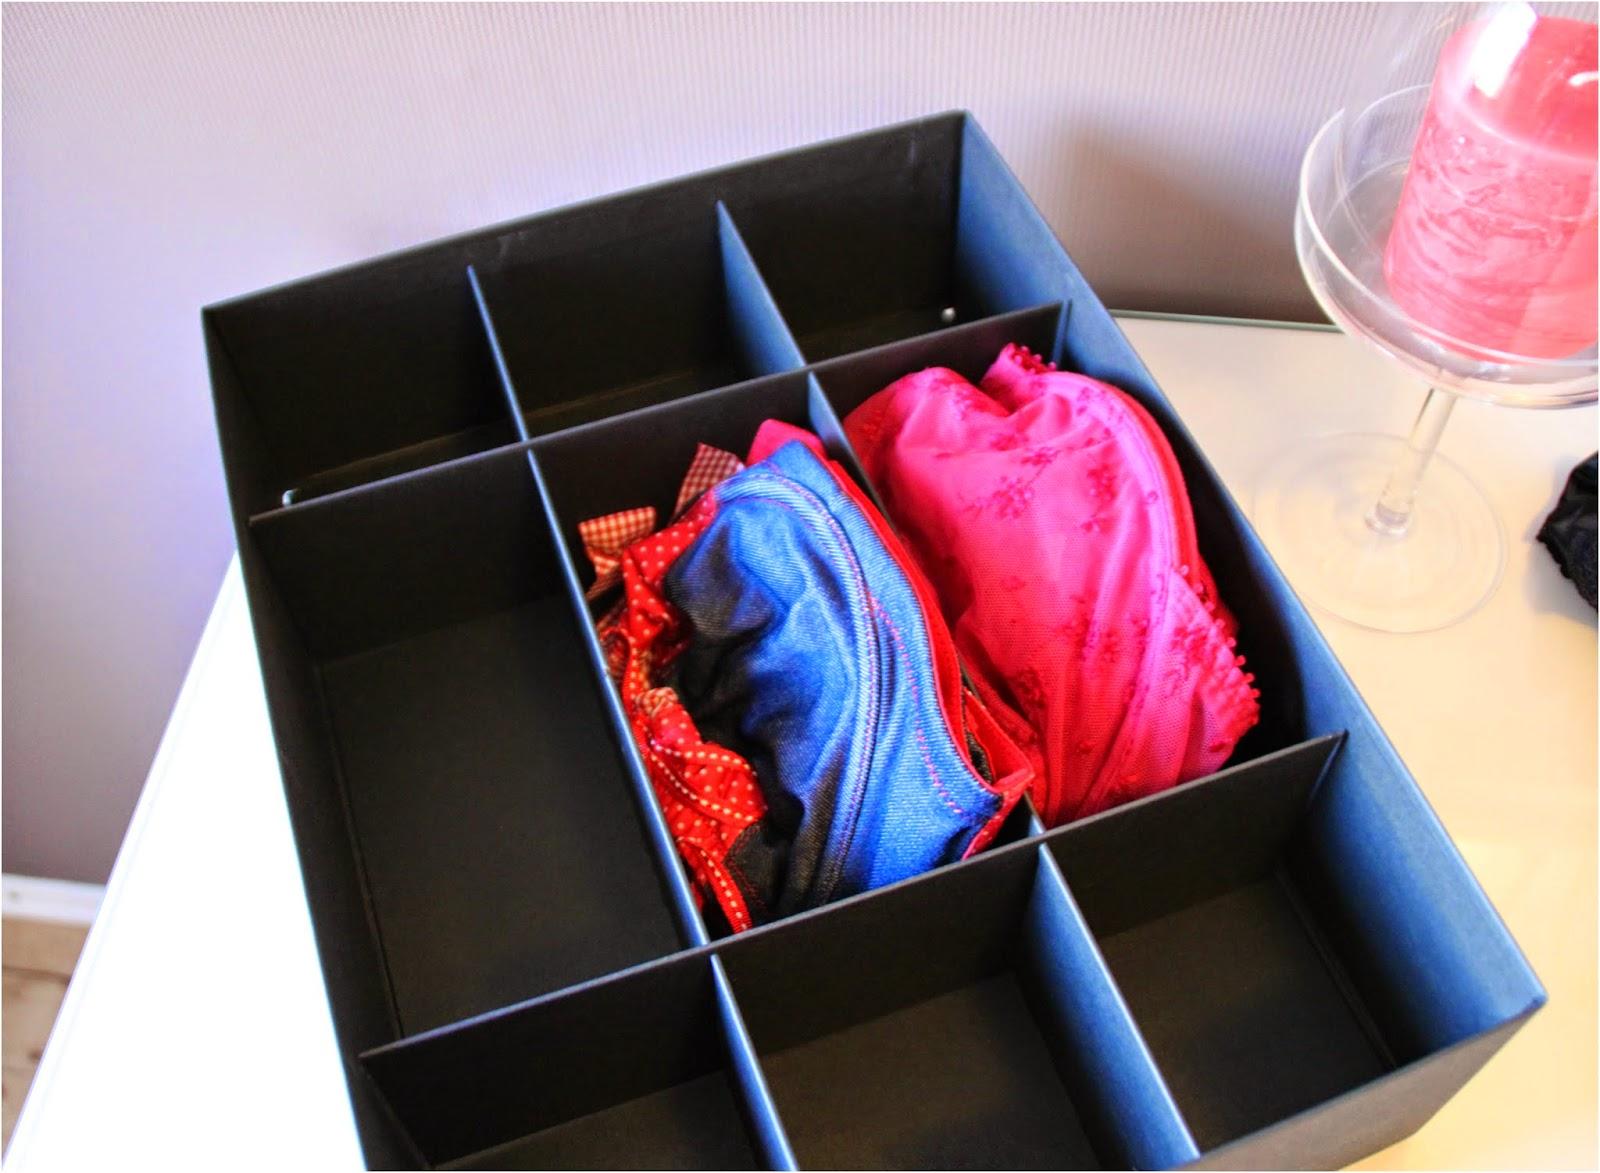 Ordentlich aufbewahrt in unterteilten Kartons, die man perfekt in Schubladen stellen kann